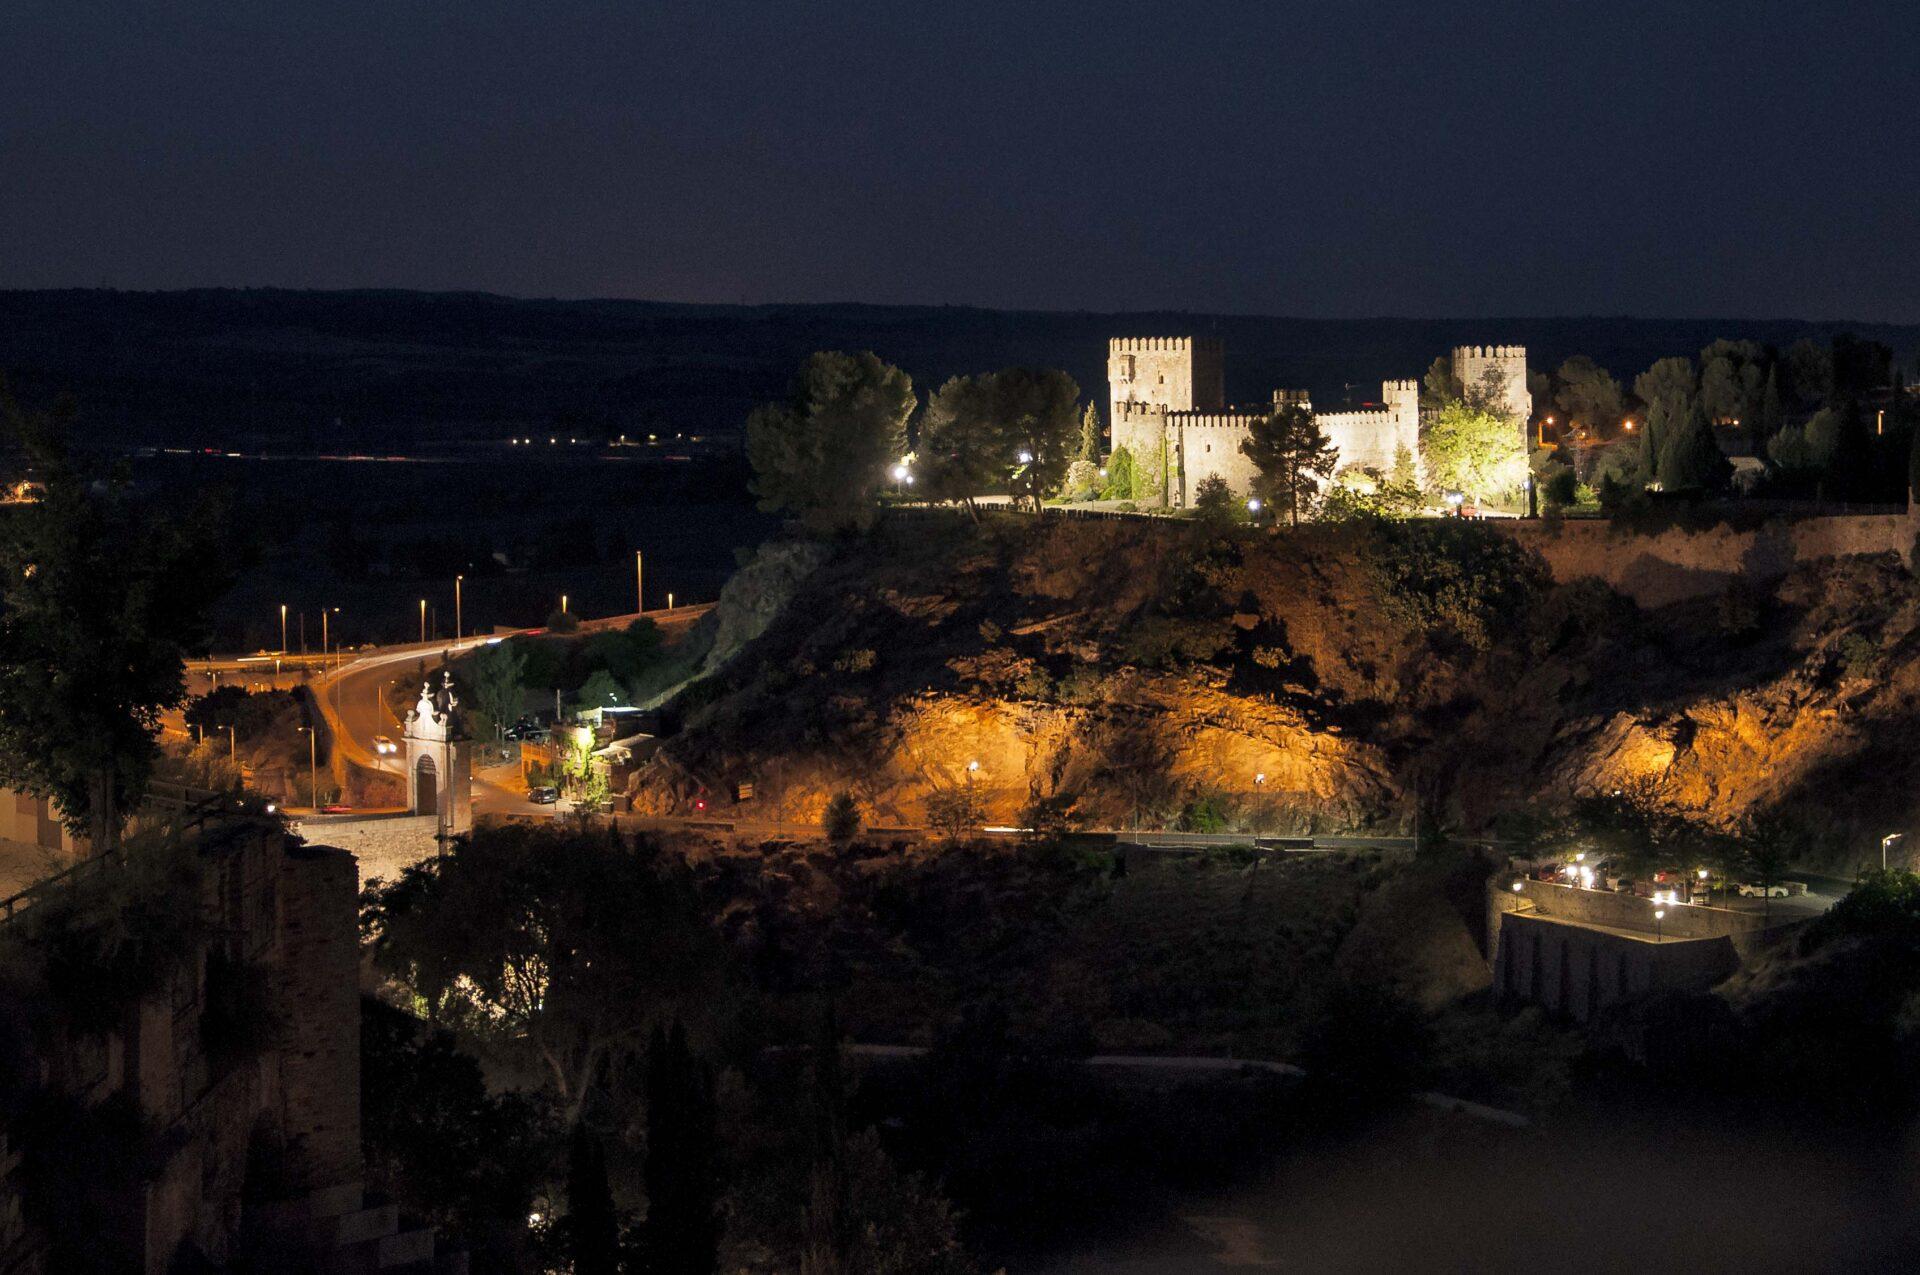 vista nocturna de la senda ecológica, castillo de San Servando , Toledo